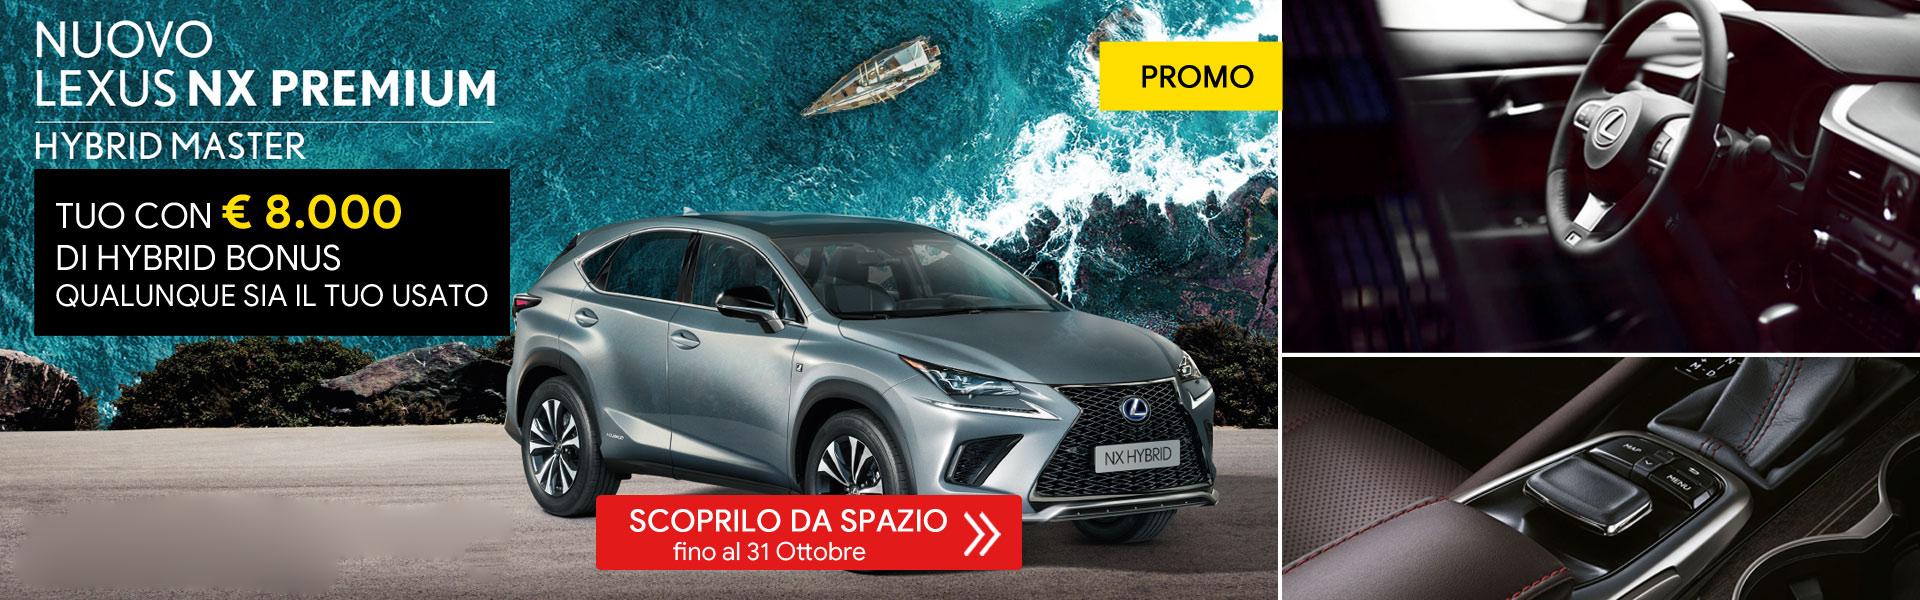 Lexus NX Hybrid Premium Promo